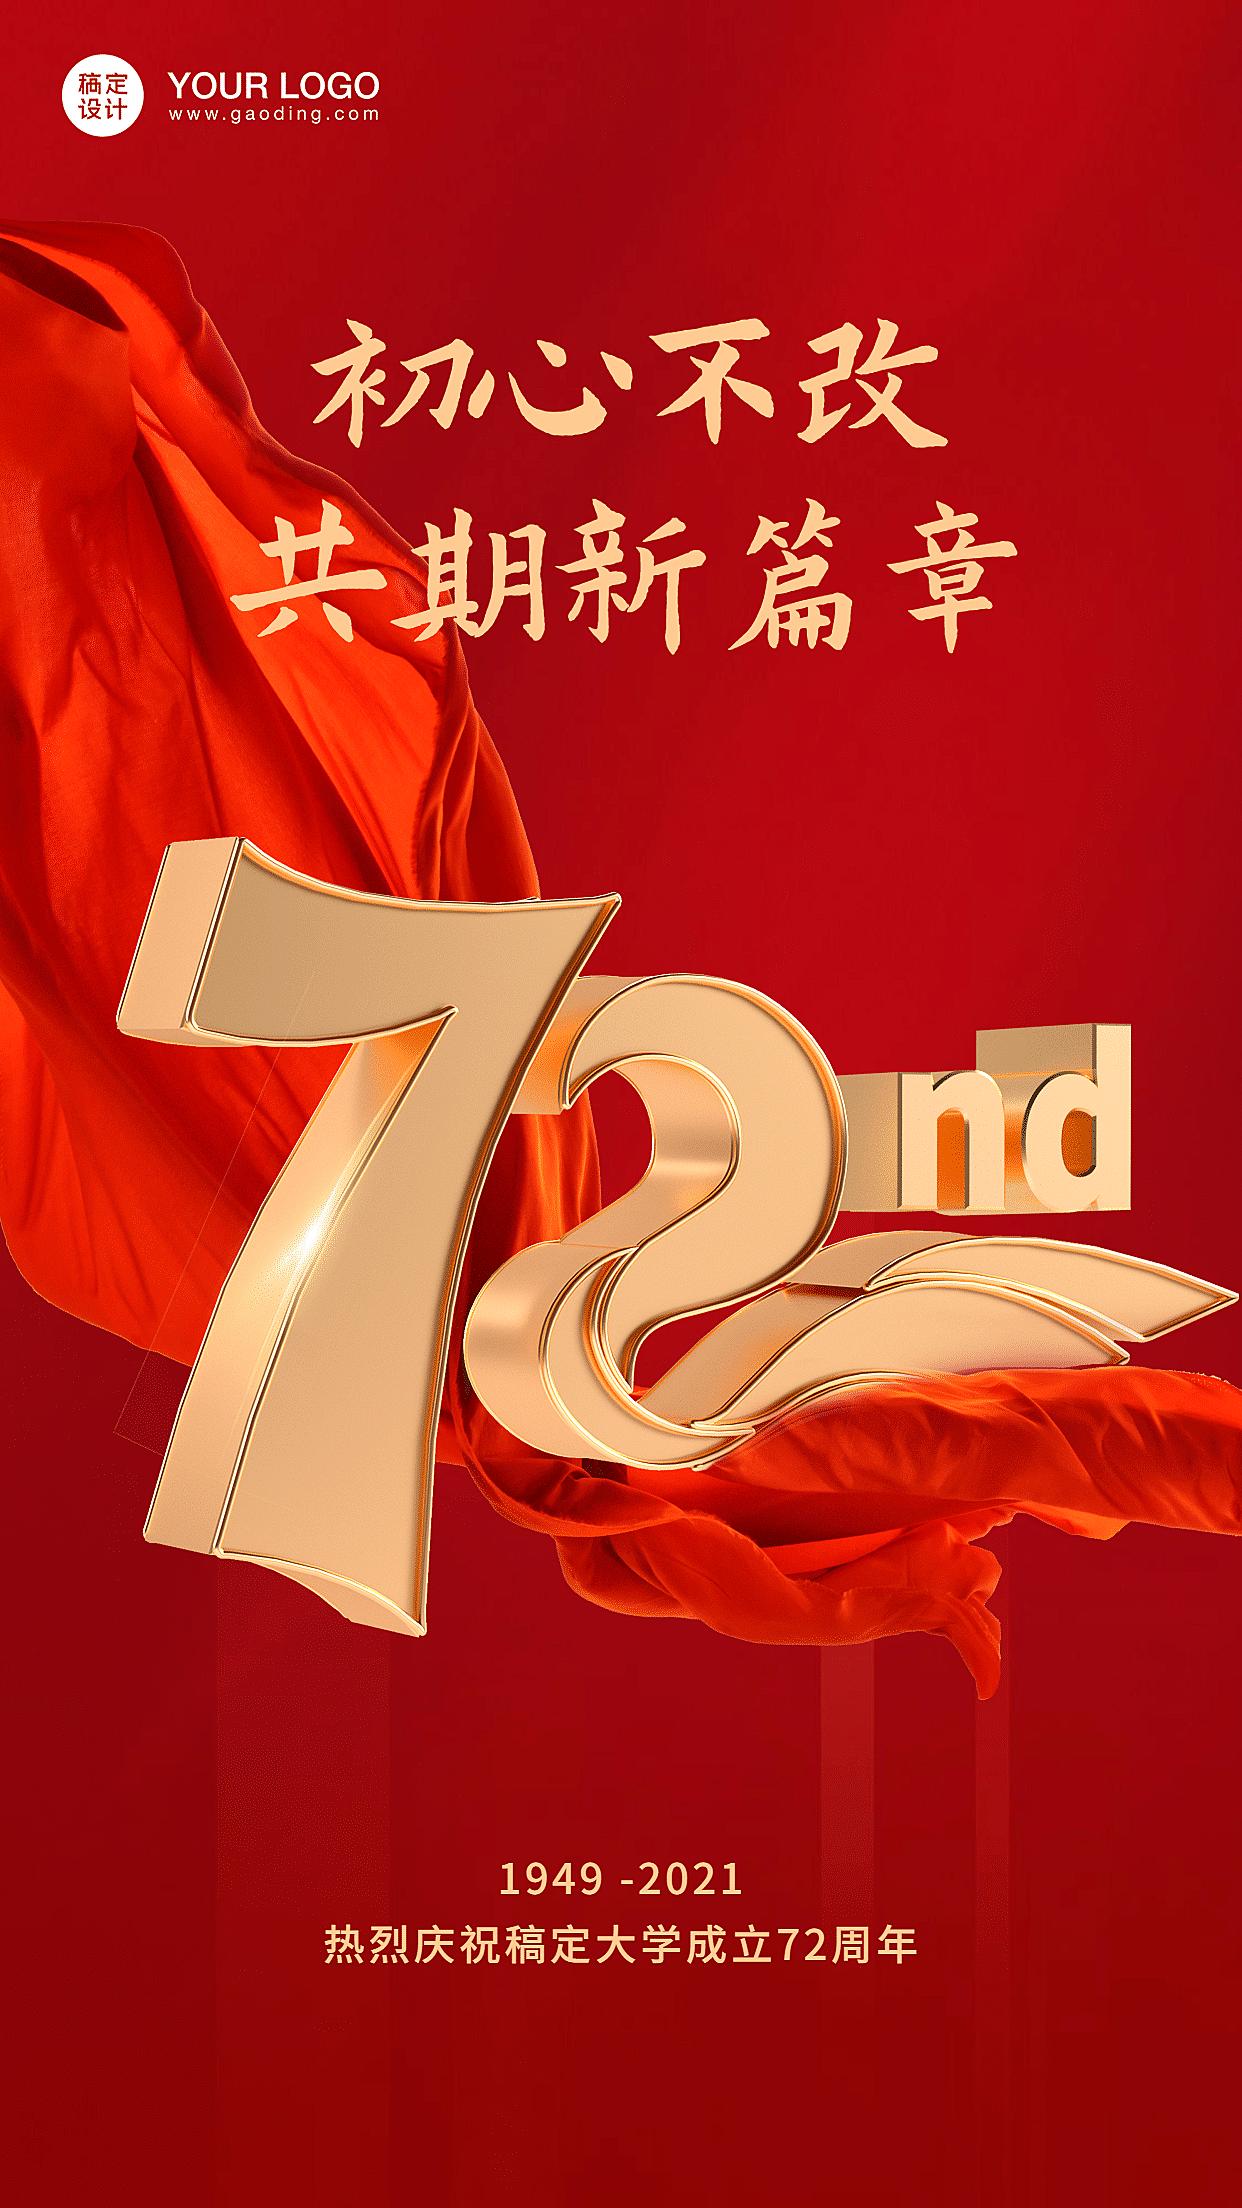 十一国庆节祝福72周年手机海报